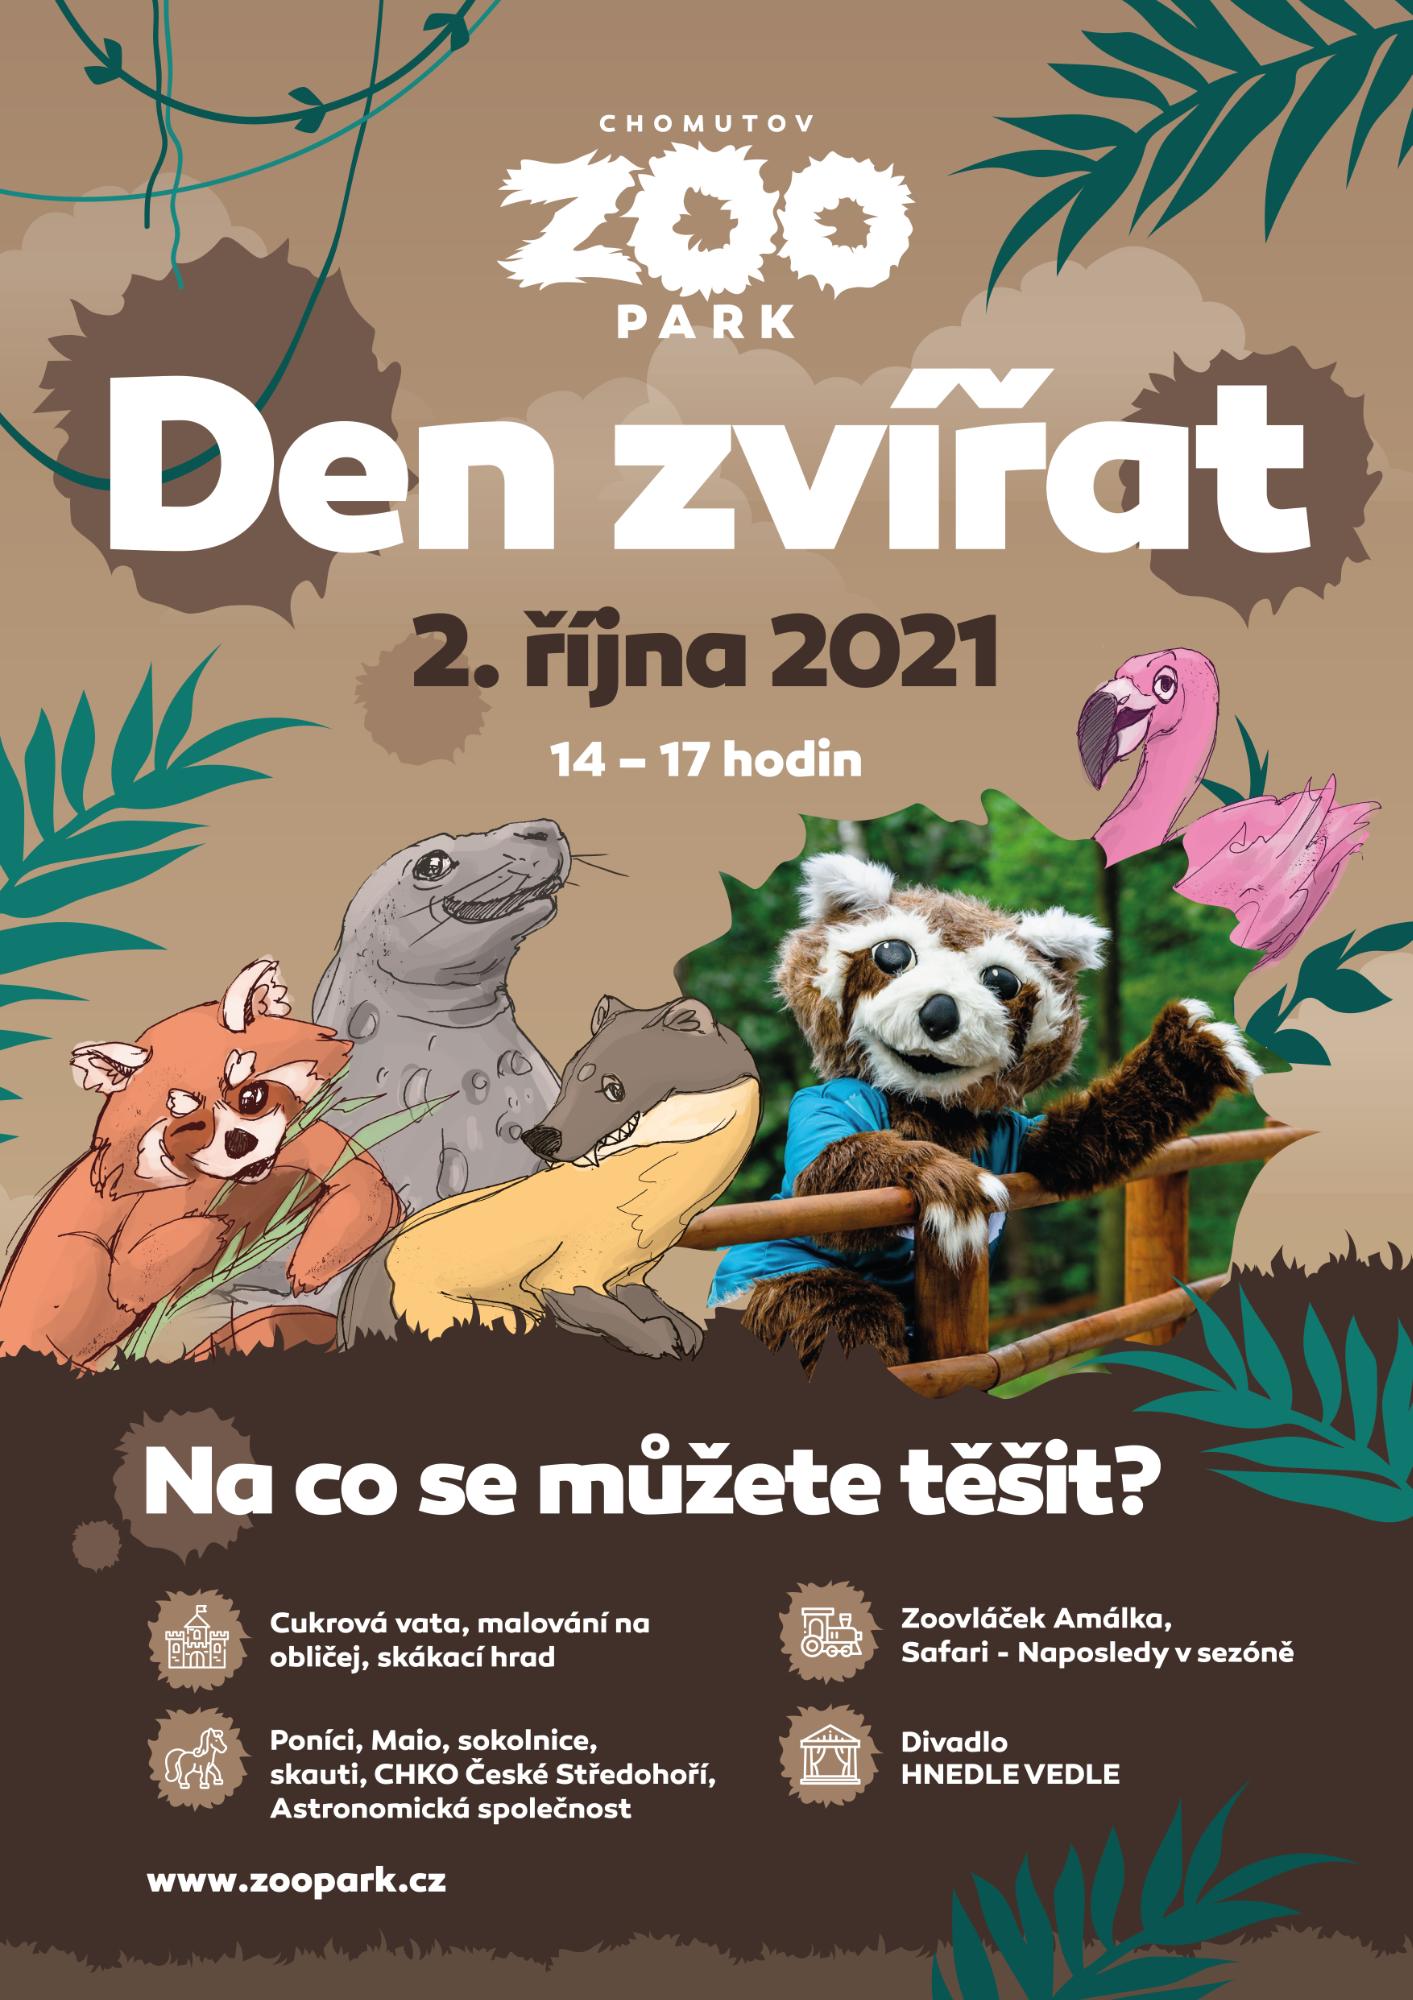 Den zvířat 2021